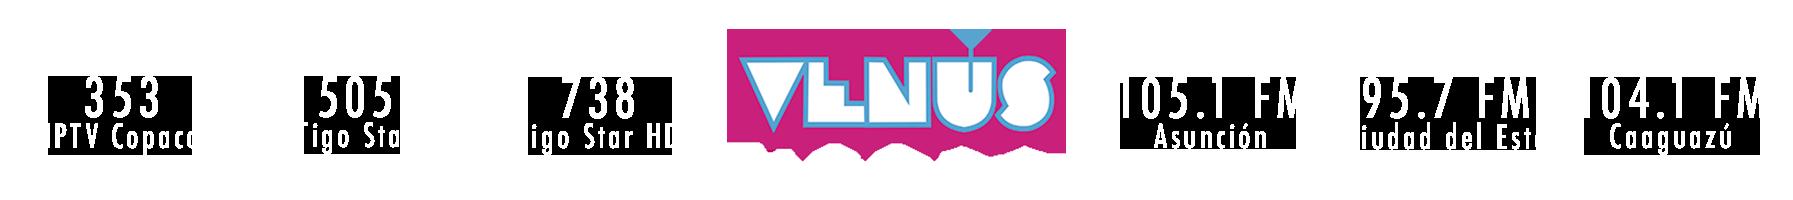 Venus Media